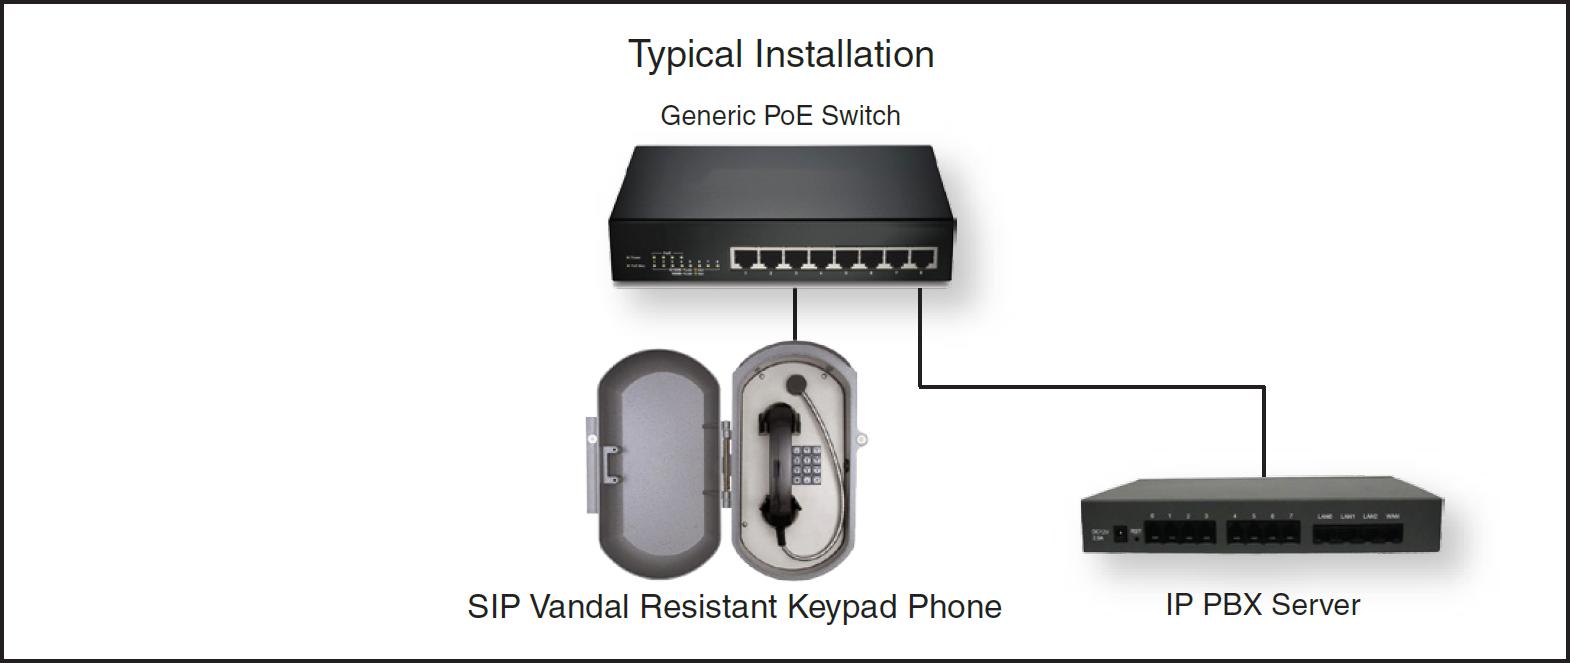 011461 SIP Vandal Resistant Keypad Phone